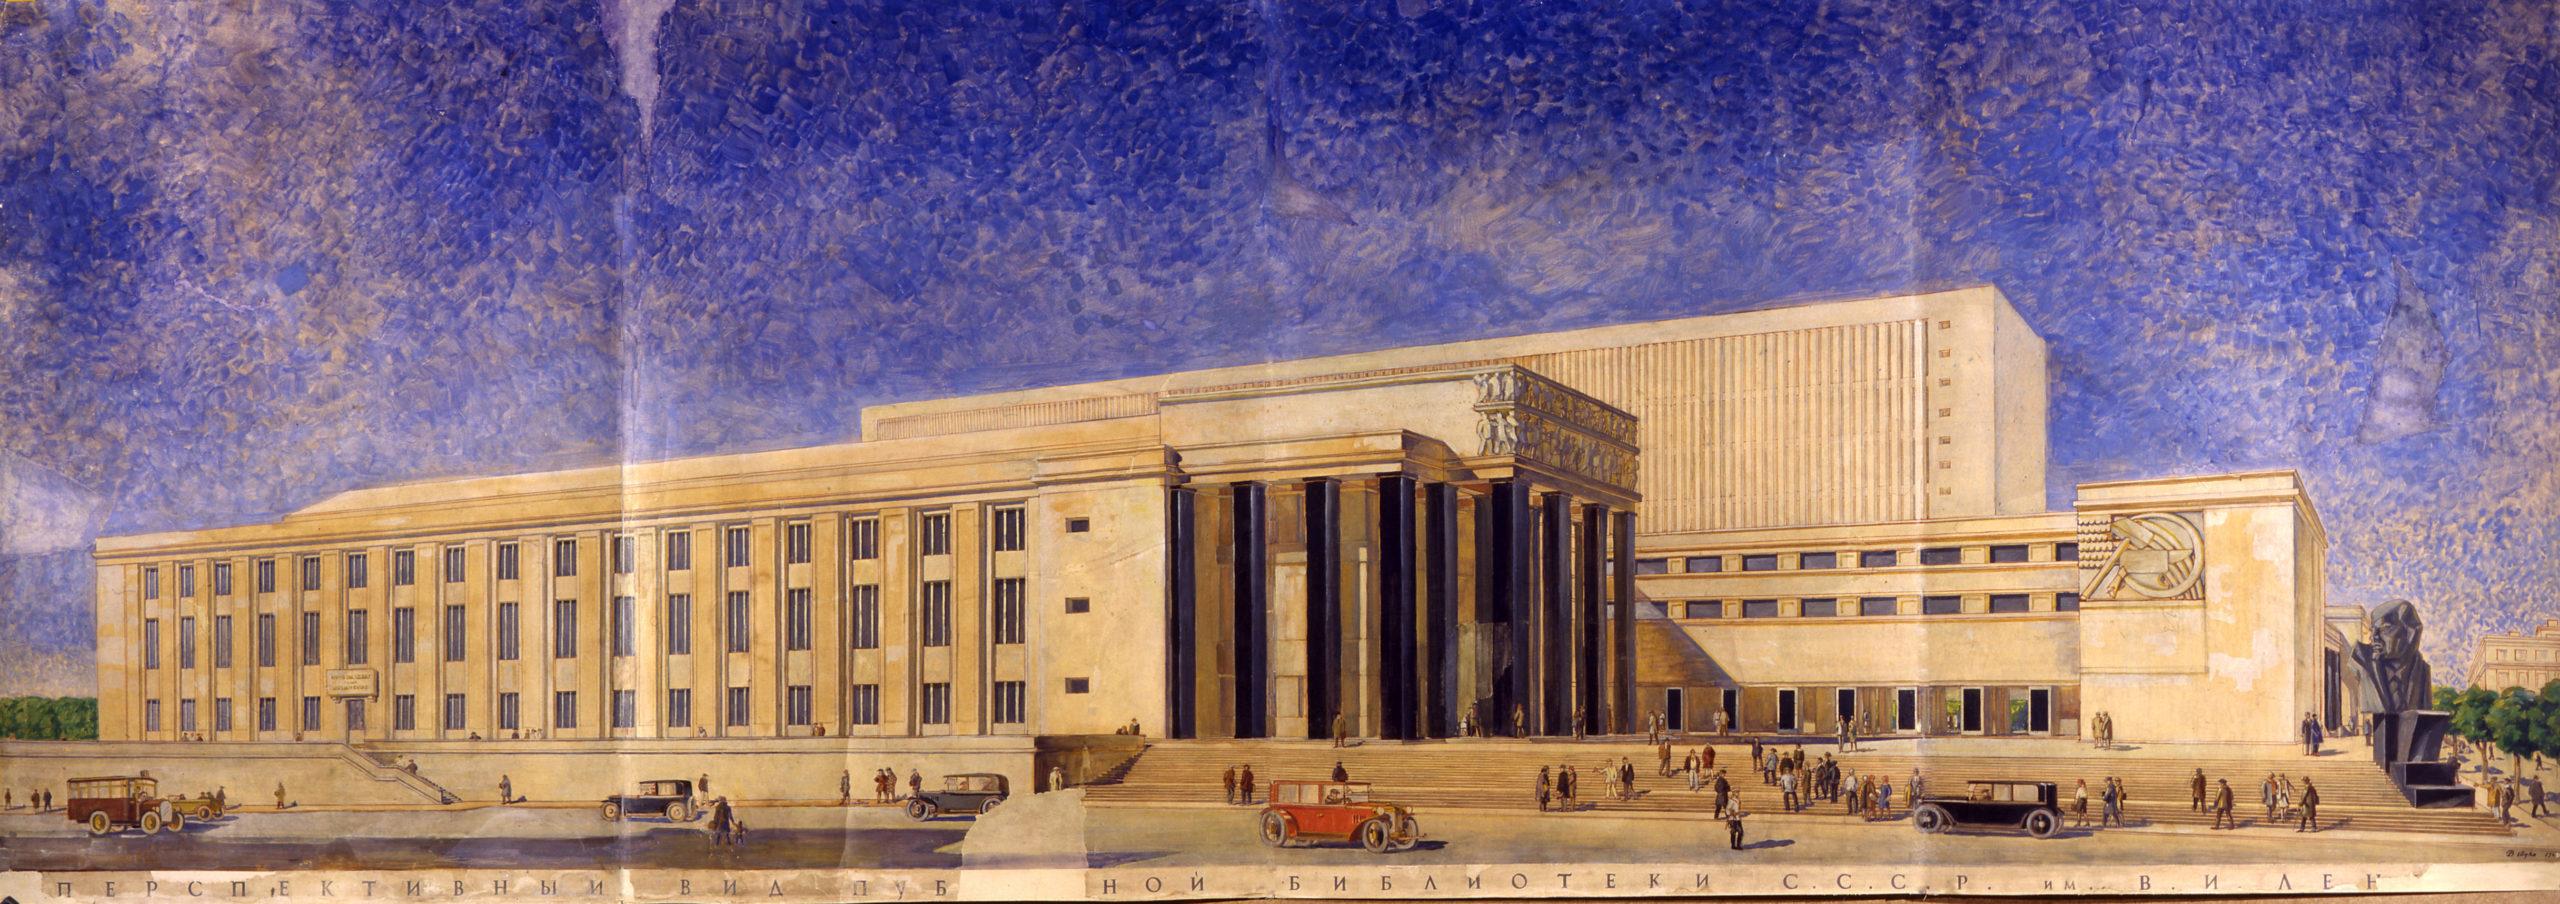 В.А.Щуко, В.Г.Гельфрейх. Проект Библиотеки им. В.И. Ленина